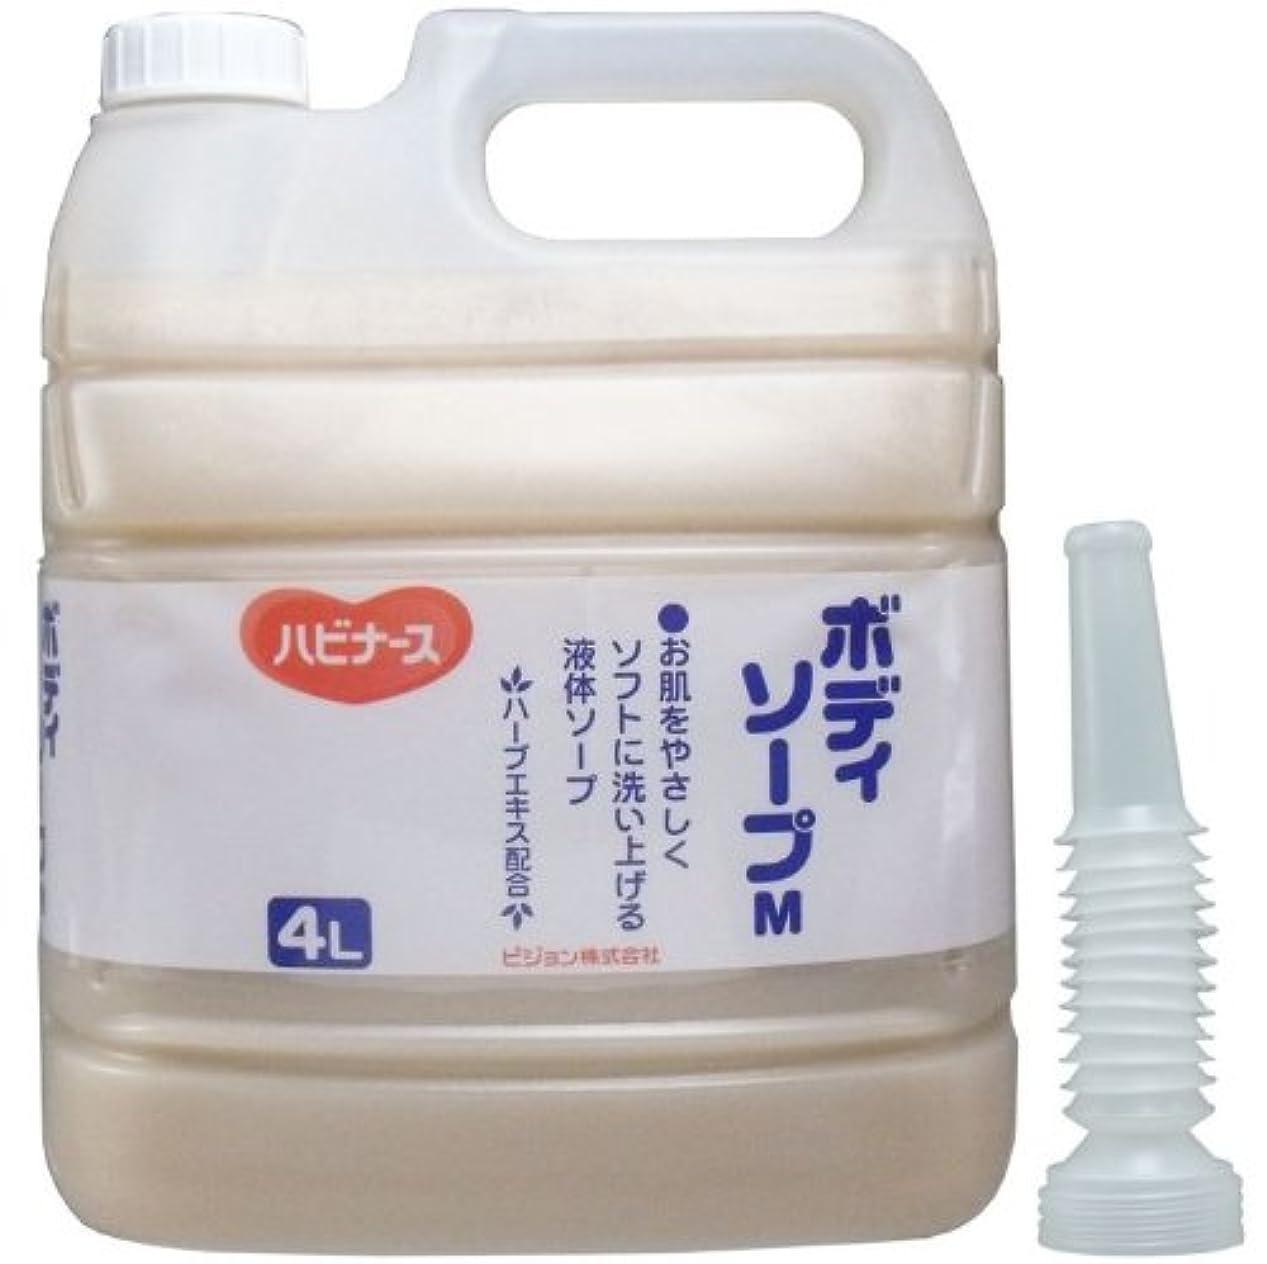 振動させる好奇心昼寝液体ソープ ボディソープ 風呂 石ケン お肌をやさしくソフトに洗い上げる!業務用 4L【3個セット】